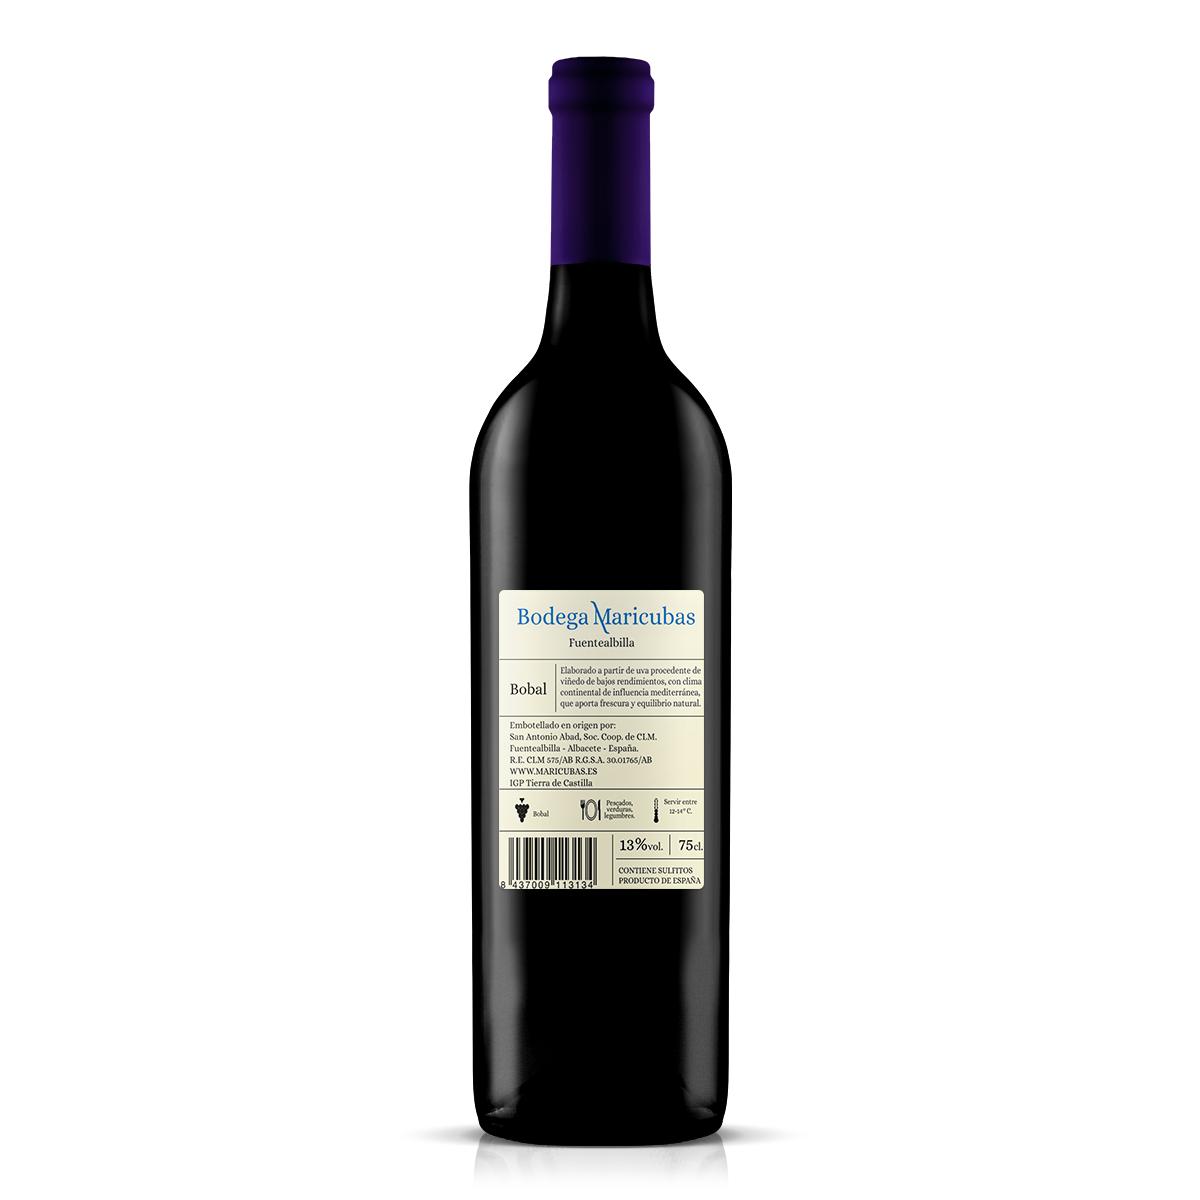 西班牙卡斯蒂亚-拉曼查博巴尔年轻葡萄酒